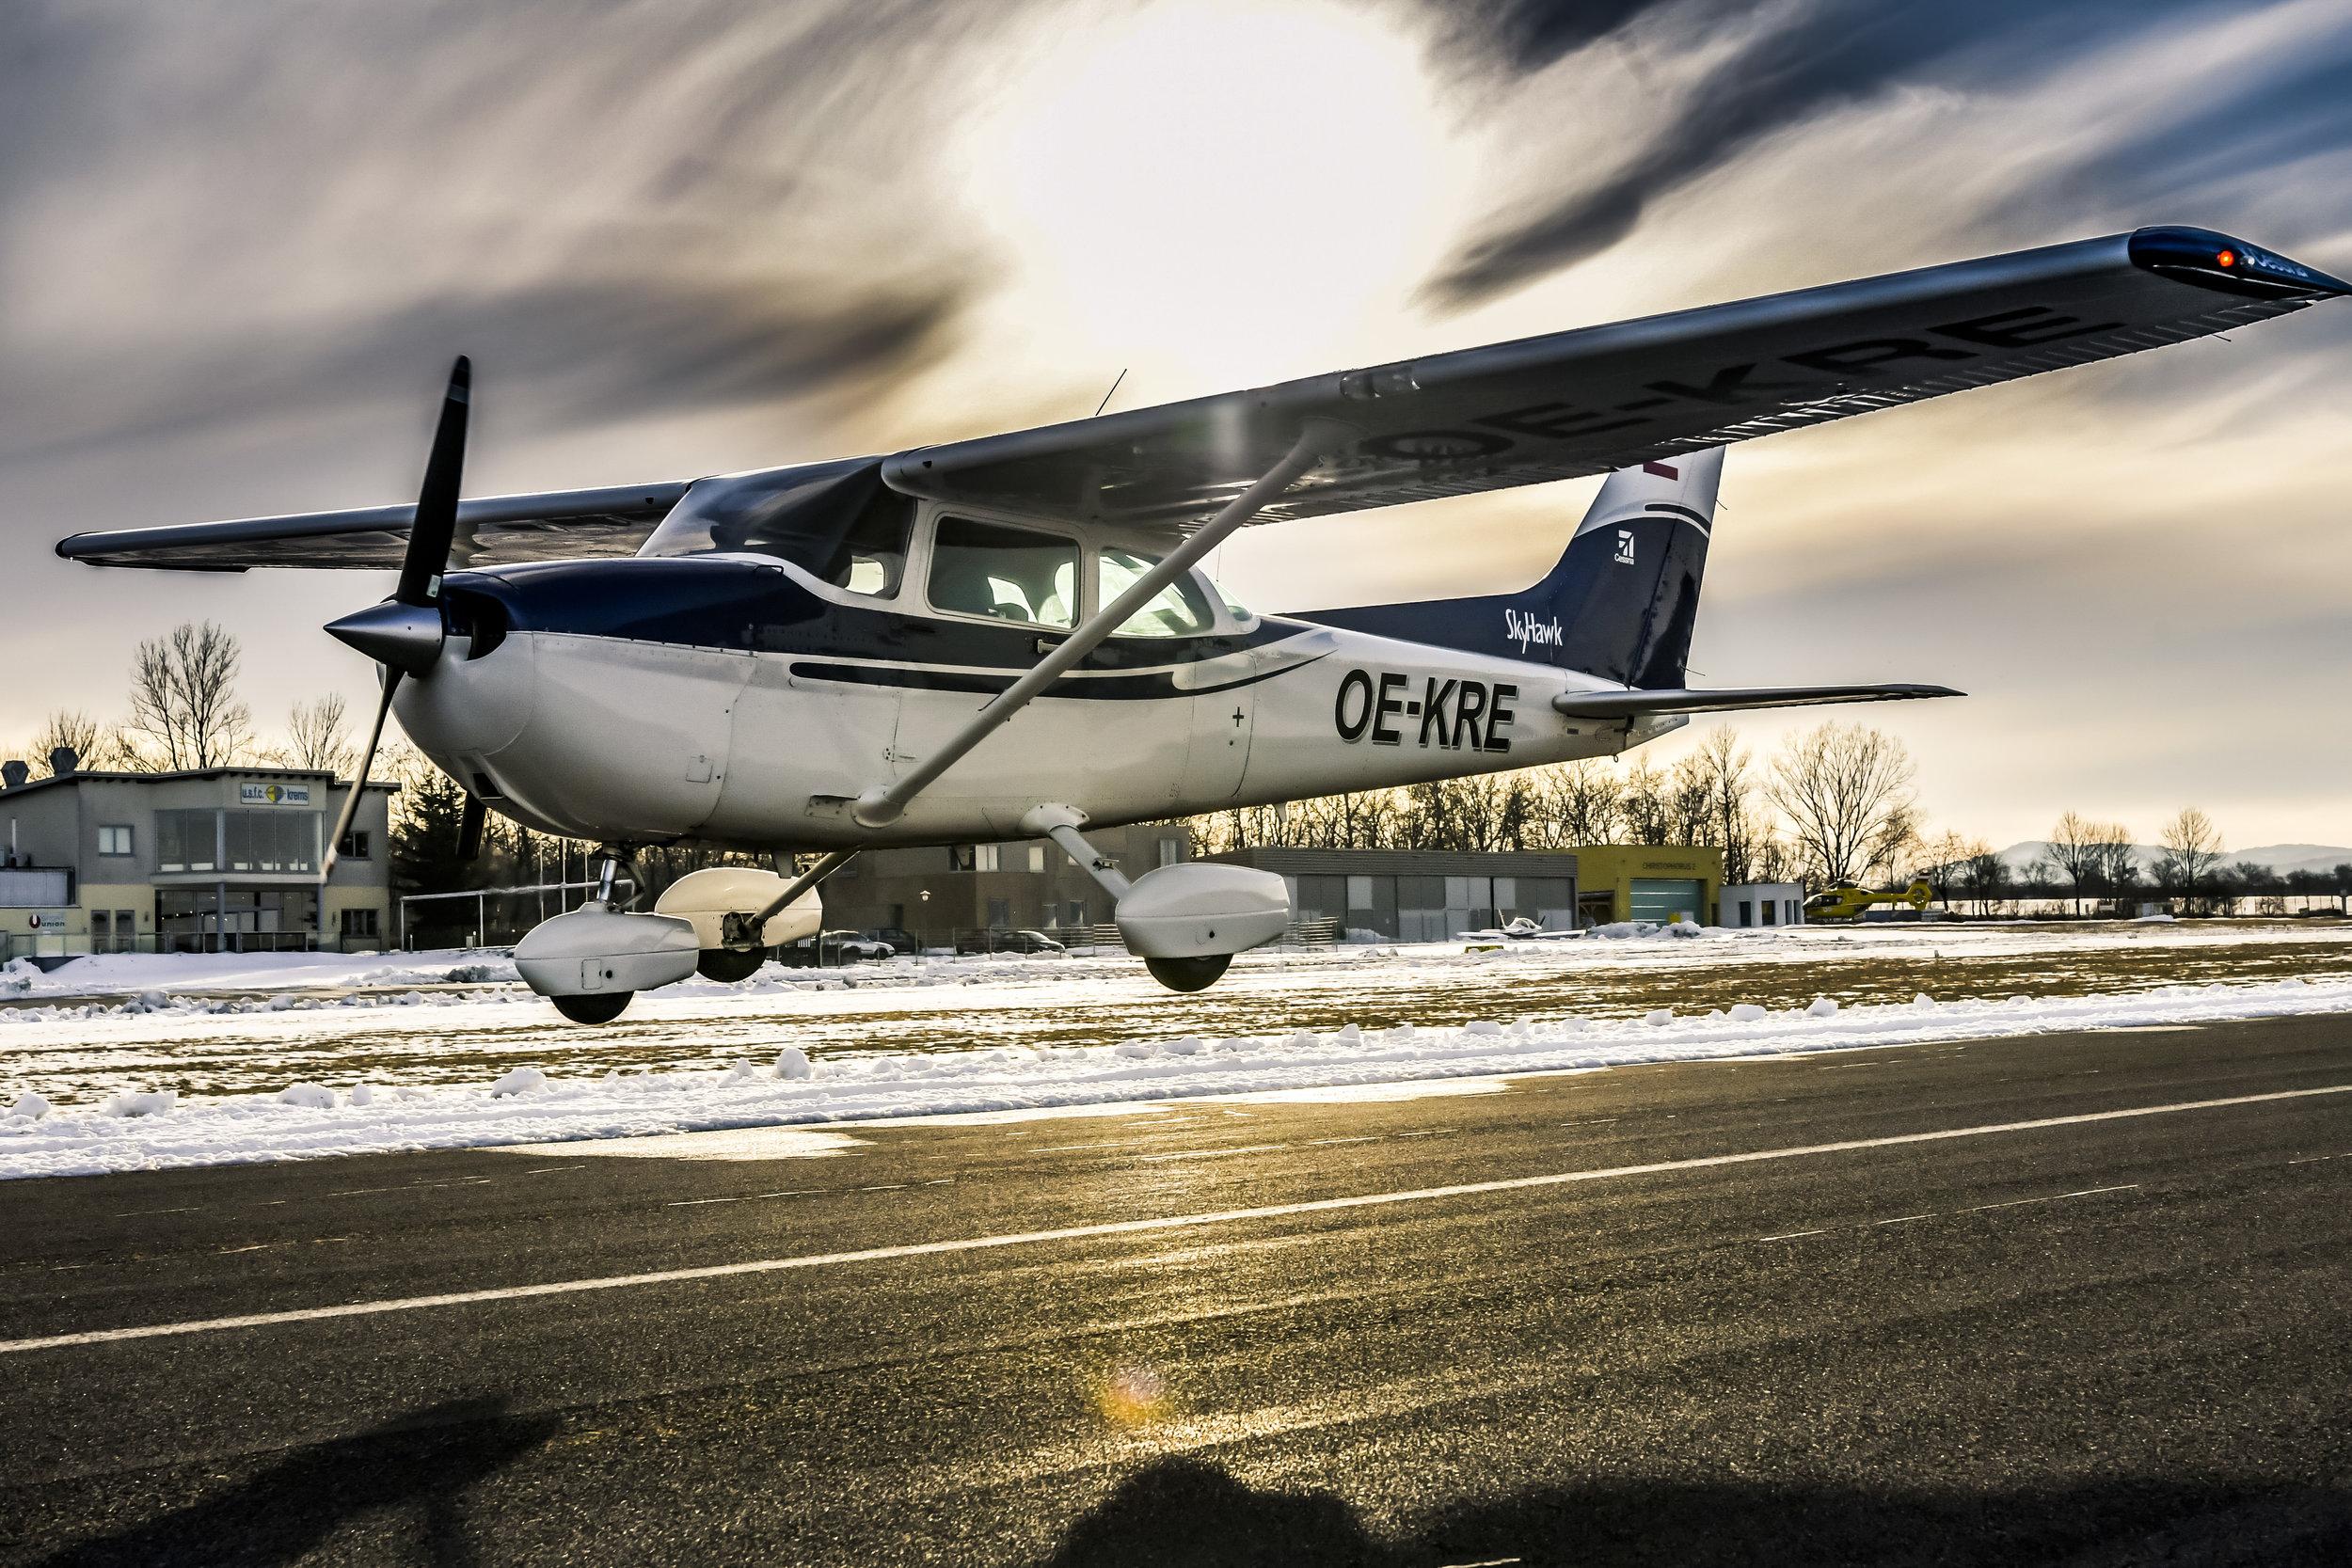 Cessna 172 P OE-KRE - viersitziges ReiseflugzeugSpannweite: 9,20 mAntrieb: Lycoming O-320 D2JStartgewicht: 1089 KgReisespeed: 180 Km/hMotorleisung: 160 PSTankinhalt: 180l BleifreiReichweite: ca 800 Km